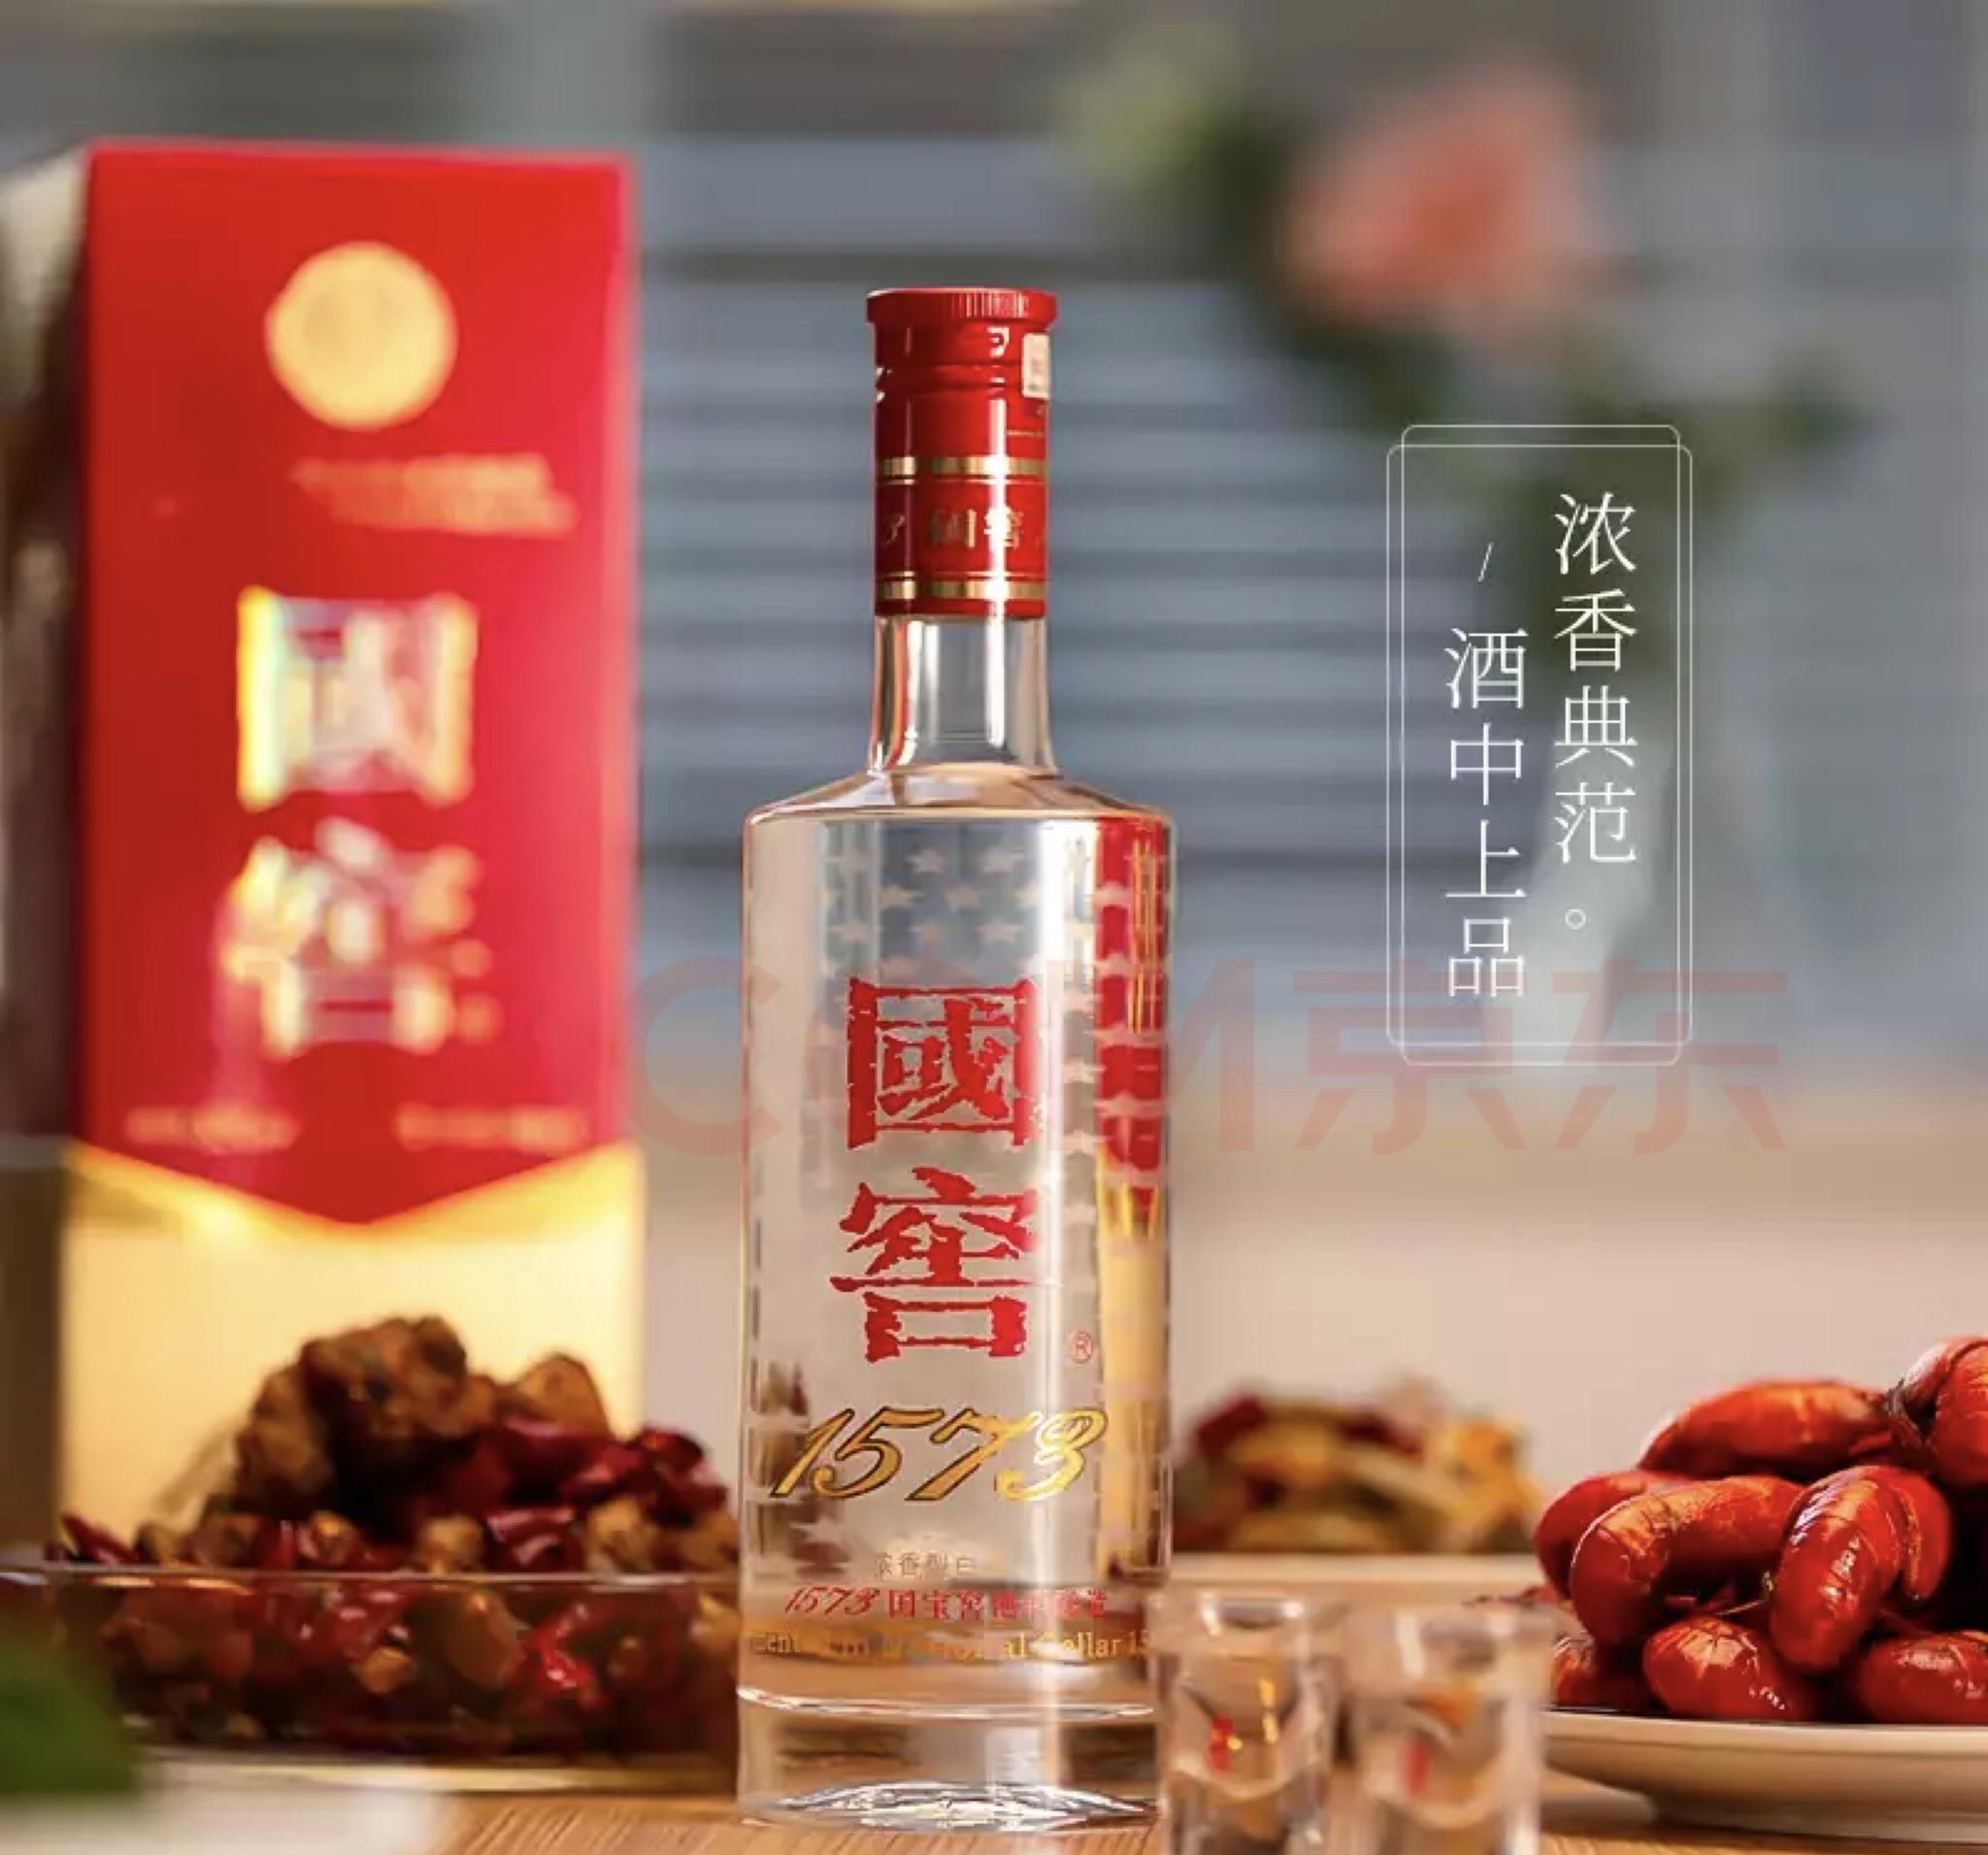 青花郎等白酒产品先后提价 高端酒最高差价达700元